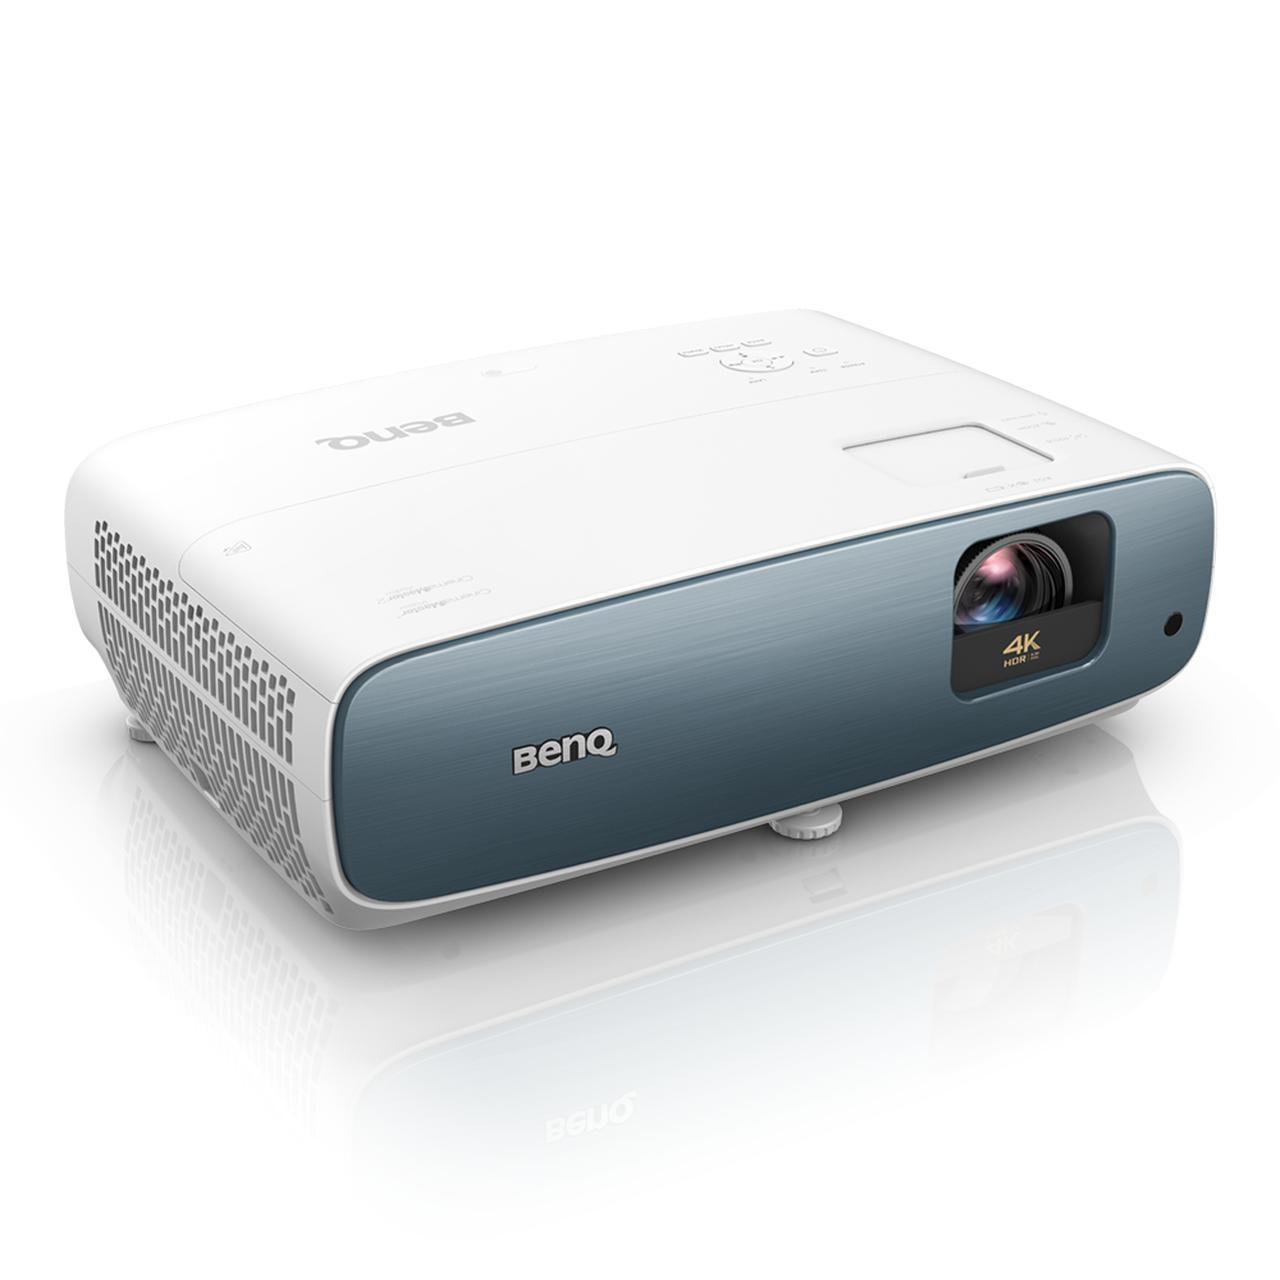 画像: 4K プロジェクター、映画 およびスポーツファン向け HDR-PRO 3D、3000ルーメンBenQホームプロジェクター